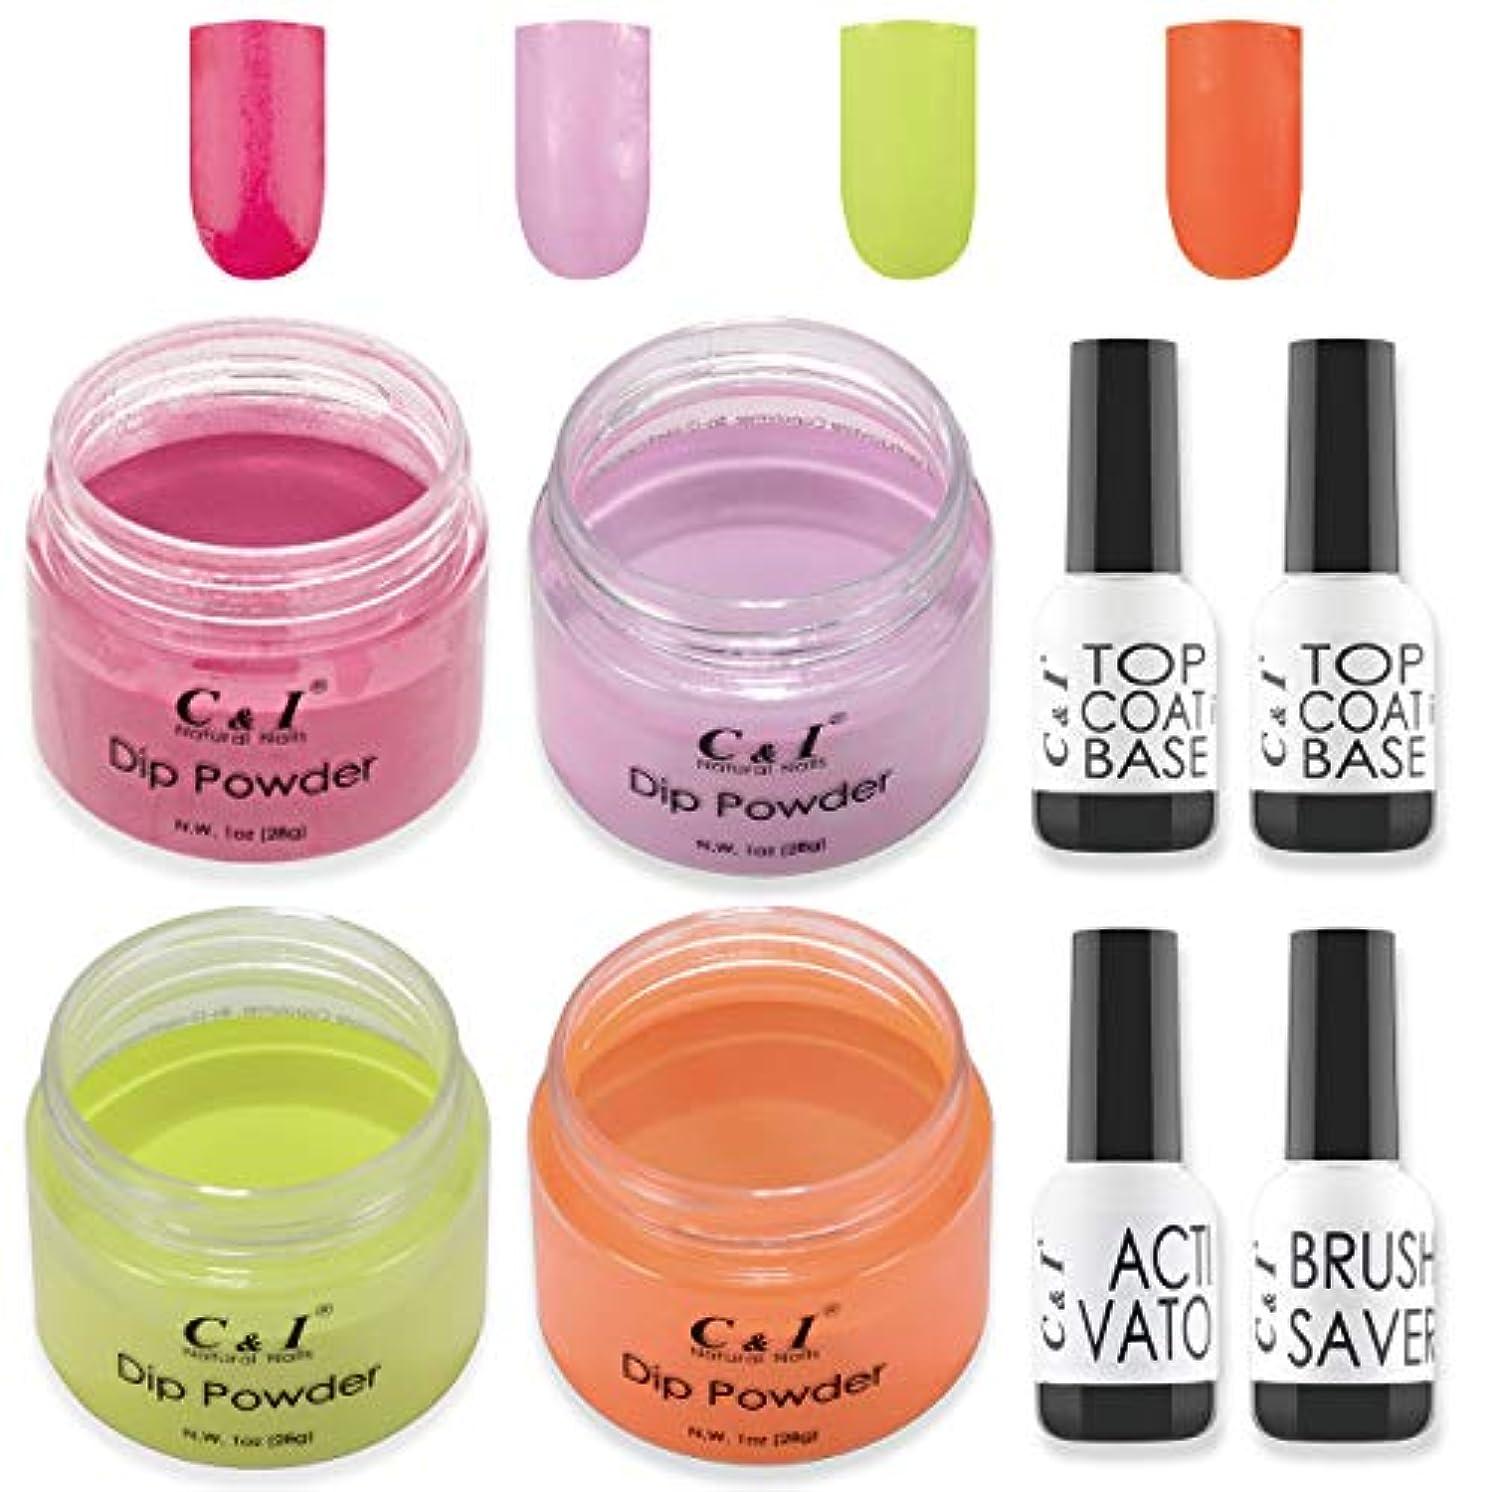 担保ニッケルパールC & I Dip Powder Nail Colors & Liquids Set, 4 colors and 4 liquids, Gel Nail Effect Colors, N.W. 28 g * 4 pcs...